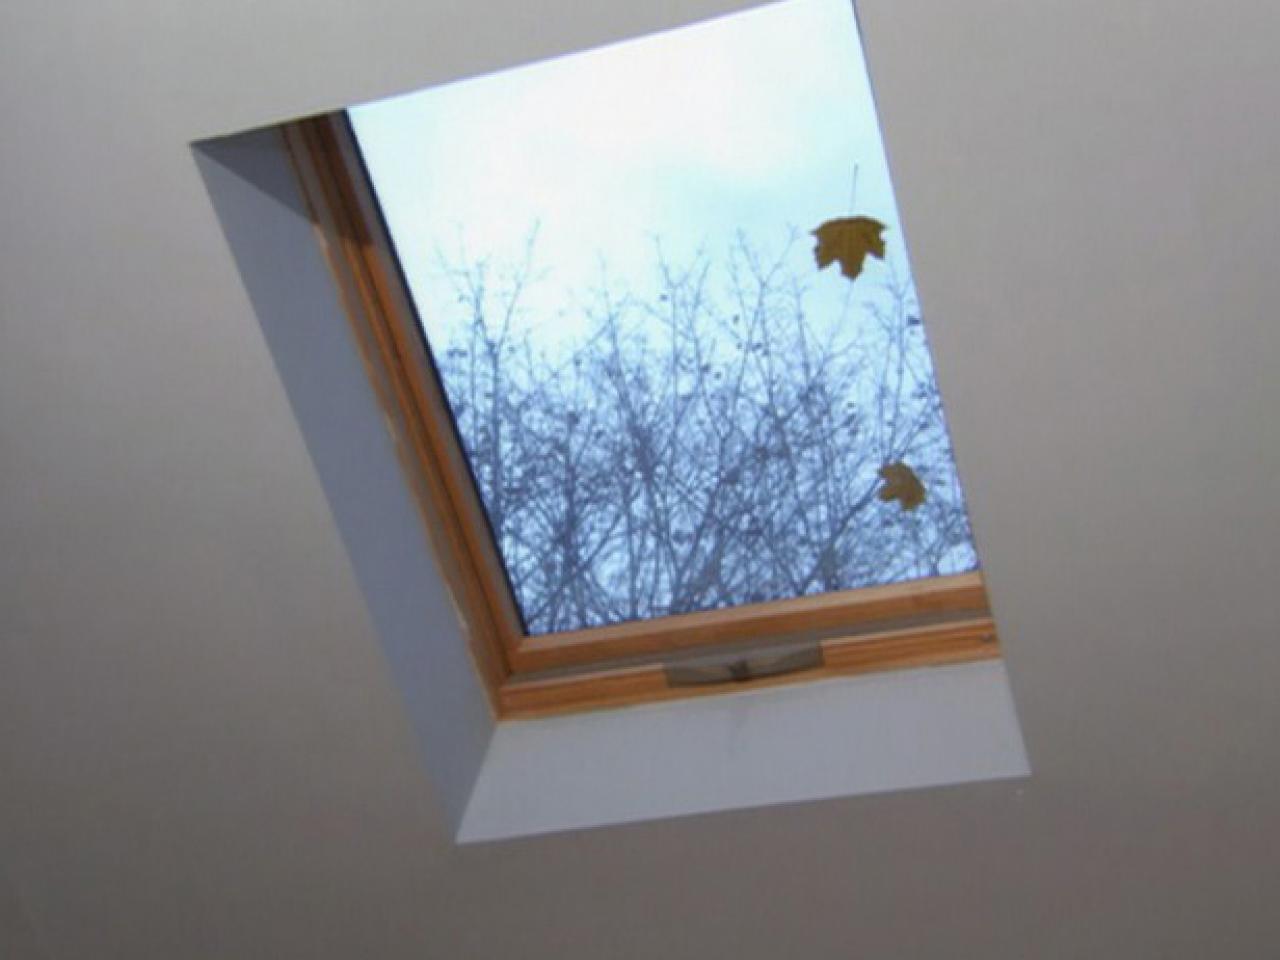 سقف نورگیر چیست؟